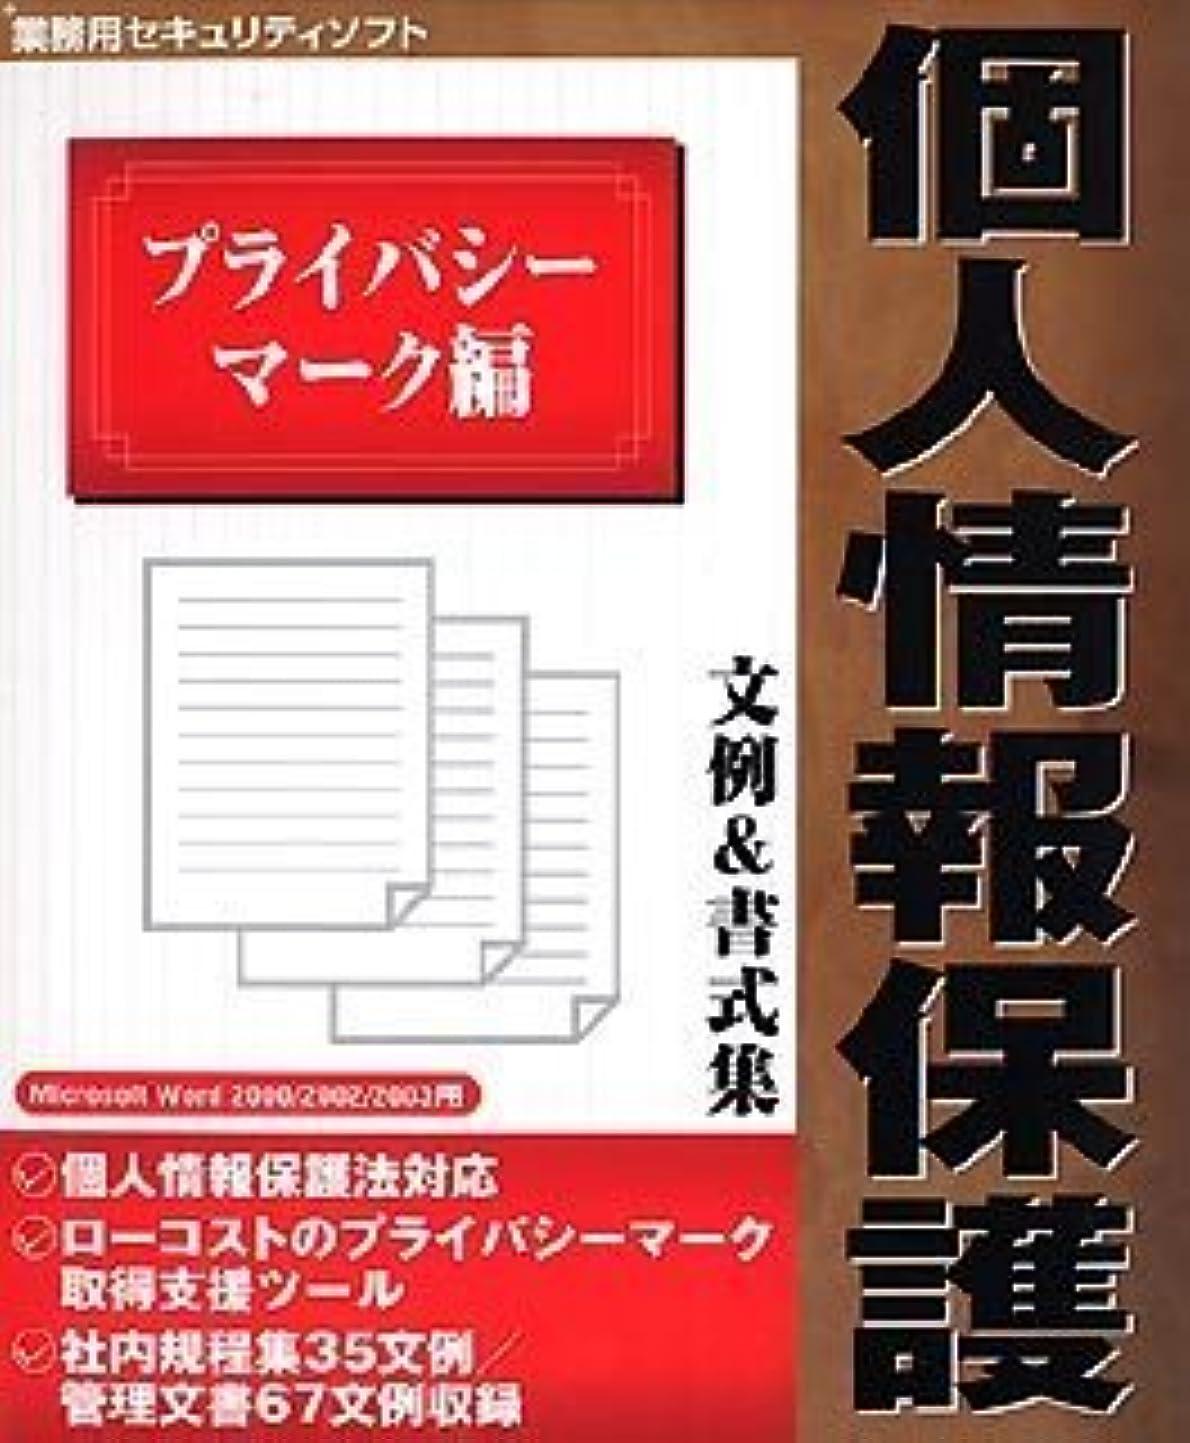 分散セント外出個人情報保護 文例&書式集 プライバシーマーク編